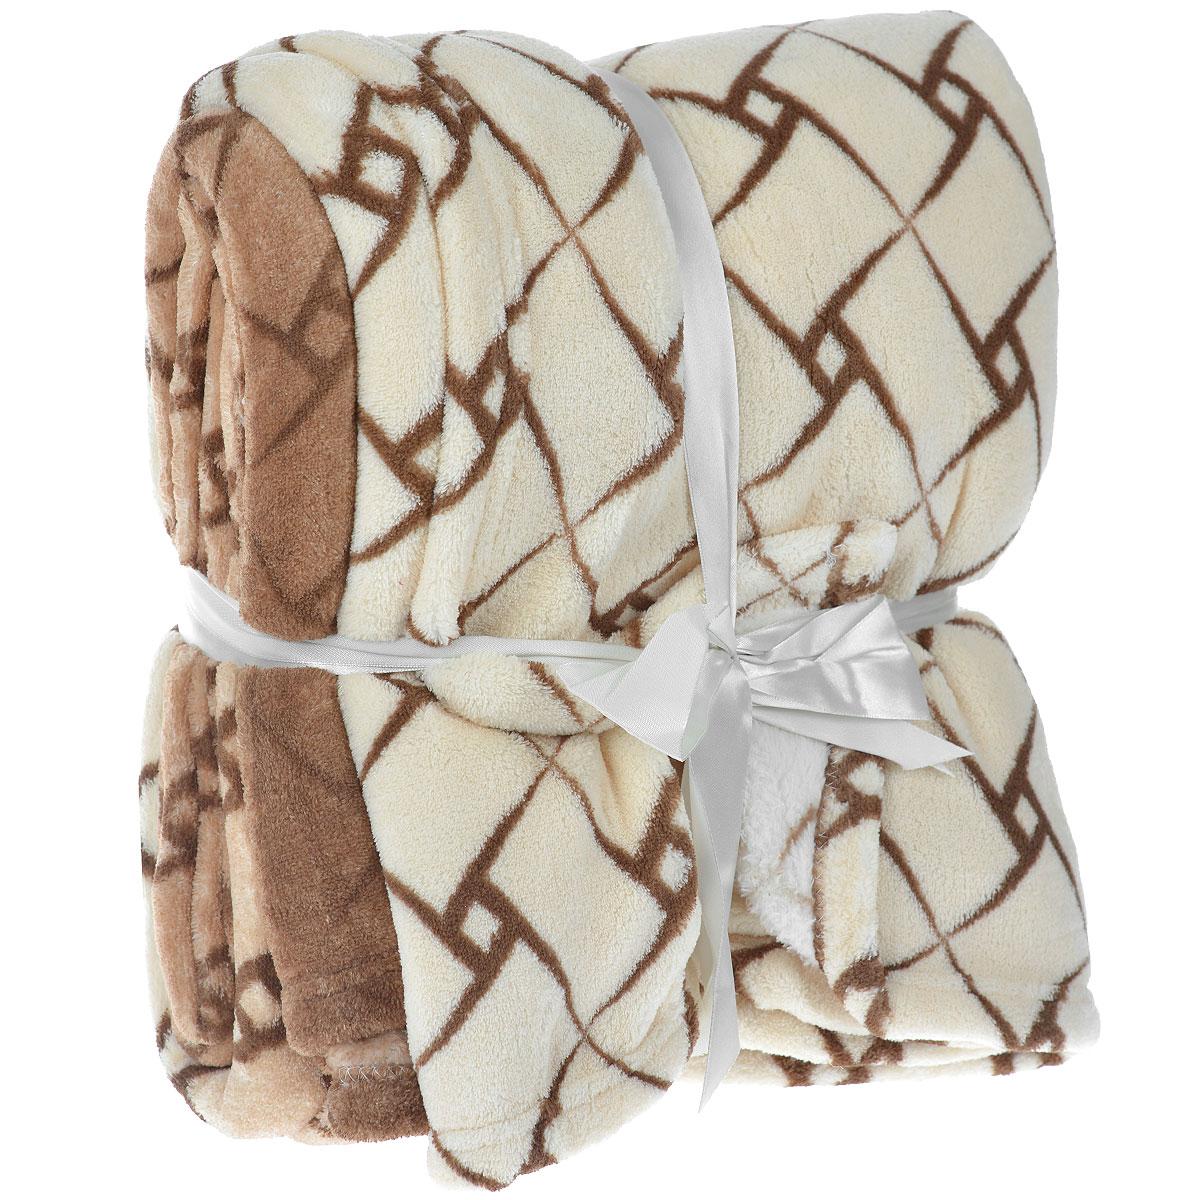 Плед Mona Liza Irish, 180 см х 220 см4630003364517Плед Mona Liza Irish выполнен из материала велсофт и оформлен красивым узором. Велсофт - это мягкая ворсовая ткань. Для ее изготовления используется полиэстеровая тонкая нить, что позволяет изготовить ткань очень прочную, с длинным ворсом, но при этом очень легкую. Ткань имеет фактуру велюра, приятная на ощупь, мягкая и слегка пушистая, но при этом очень легкая, хорошо сохраняет тепло, устойчива к стирке и износу. Такой плед гармонично впишется в интерьер вашего дома и создаст атмосферу уюта и комфорта. Он согреет в прохладную погоду и будет превосходно дополнять интерьер вашей спальни. Прекрасная идея для подарка, ведь плед - это такой подарок, который будет всегда актуален, особенно для ваших родных и близких, ведь вы дарите им частичку своего тепла!